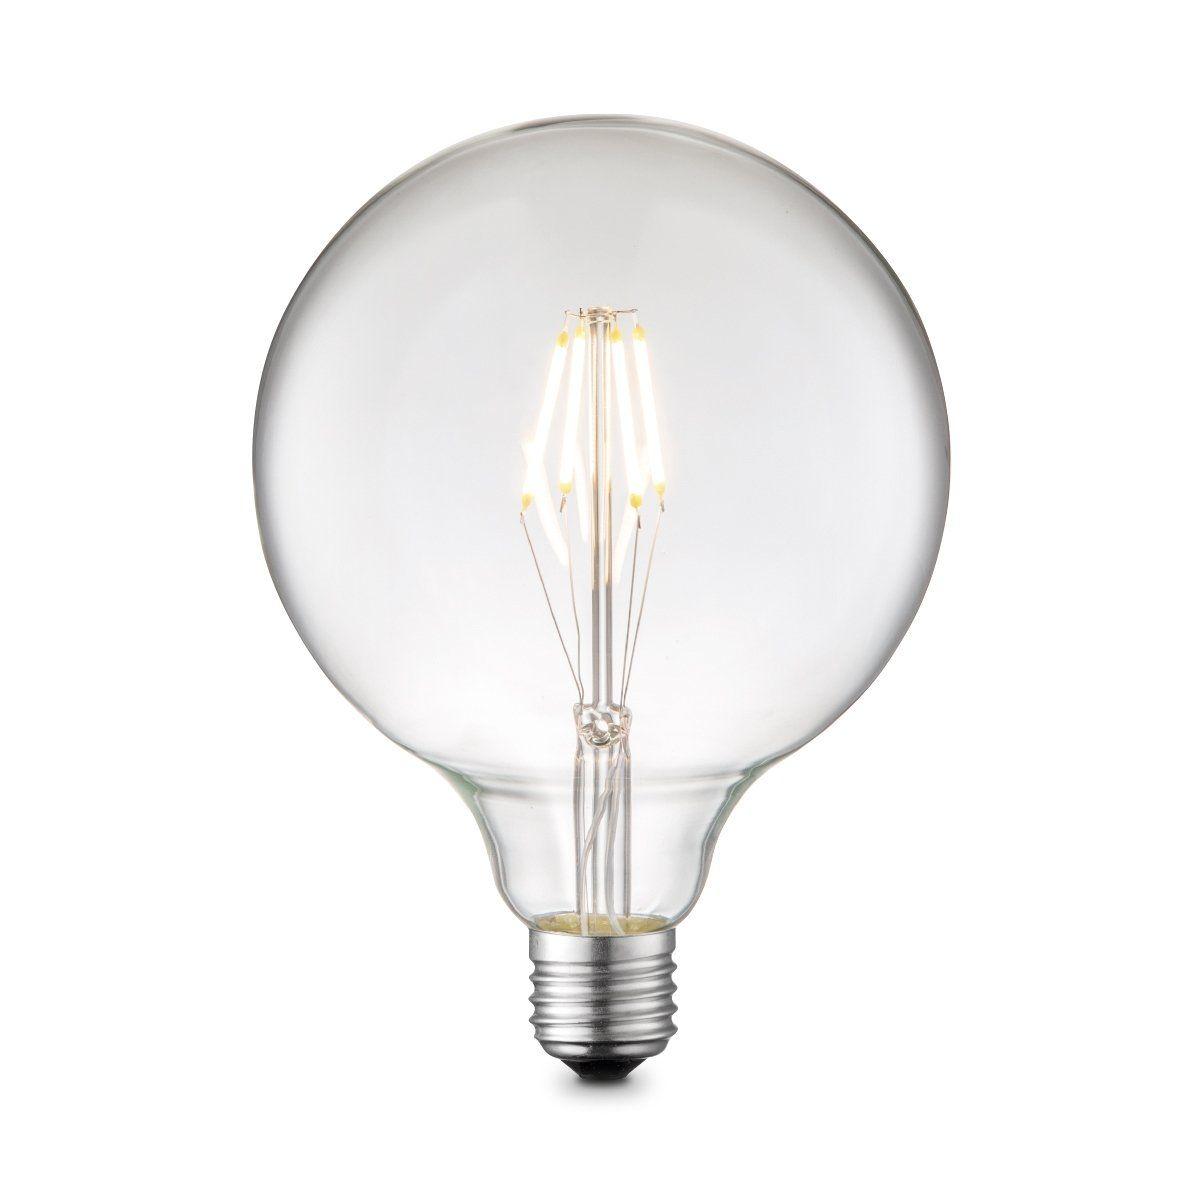 LED lamp (4W E27)